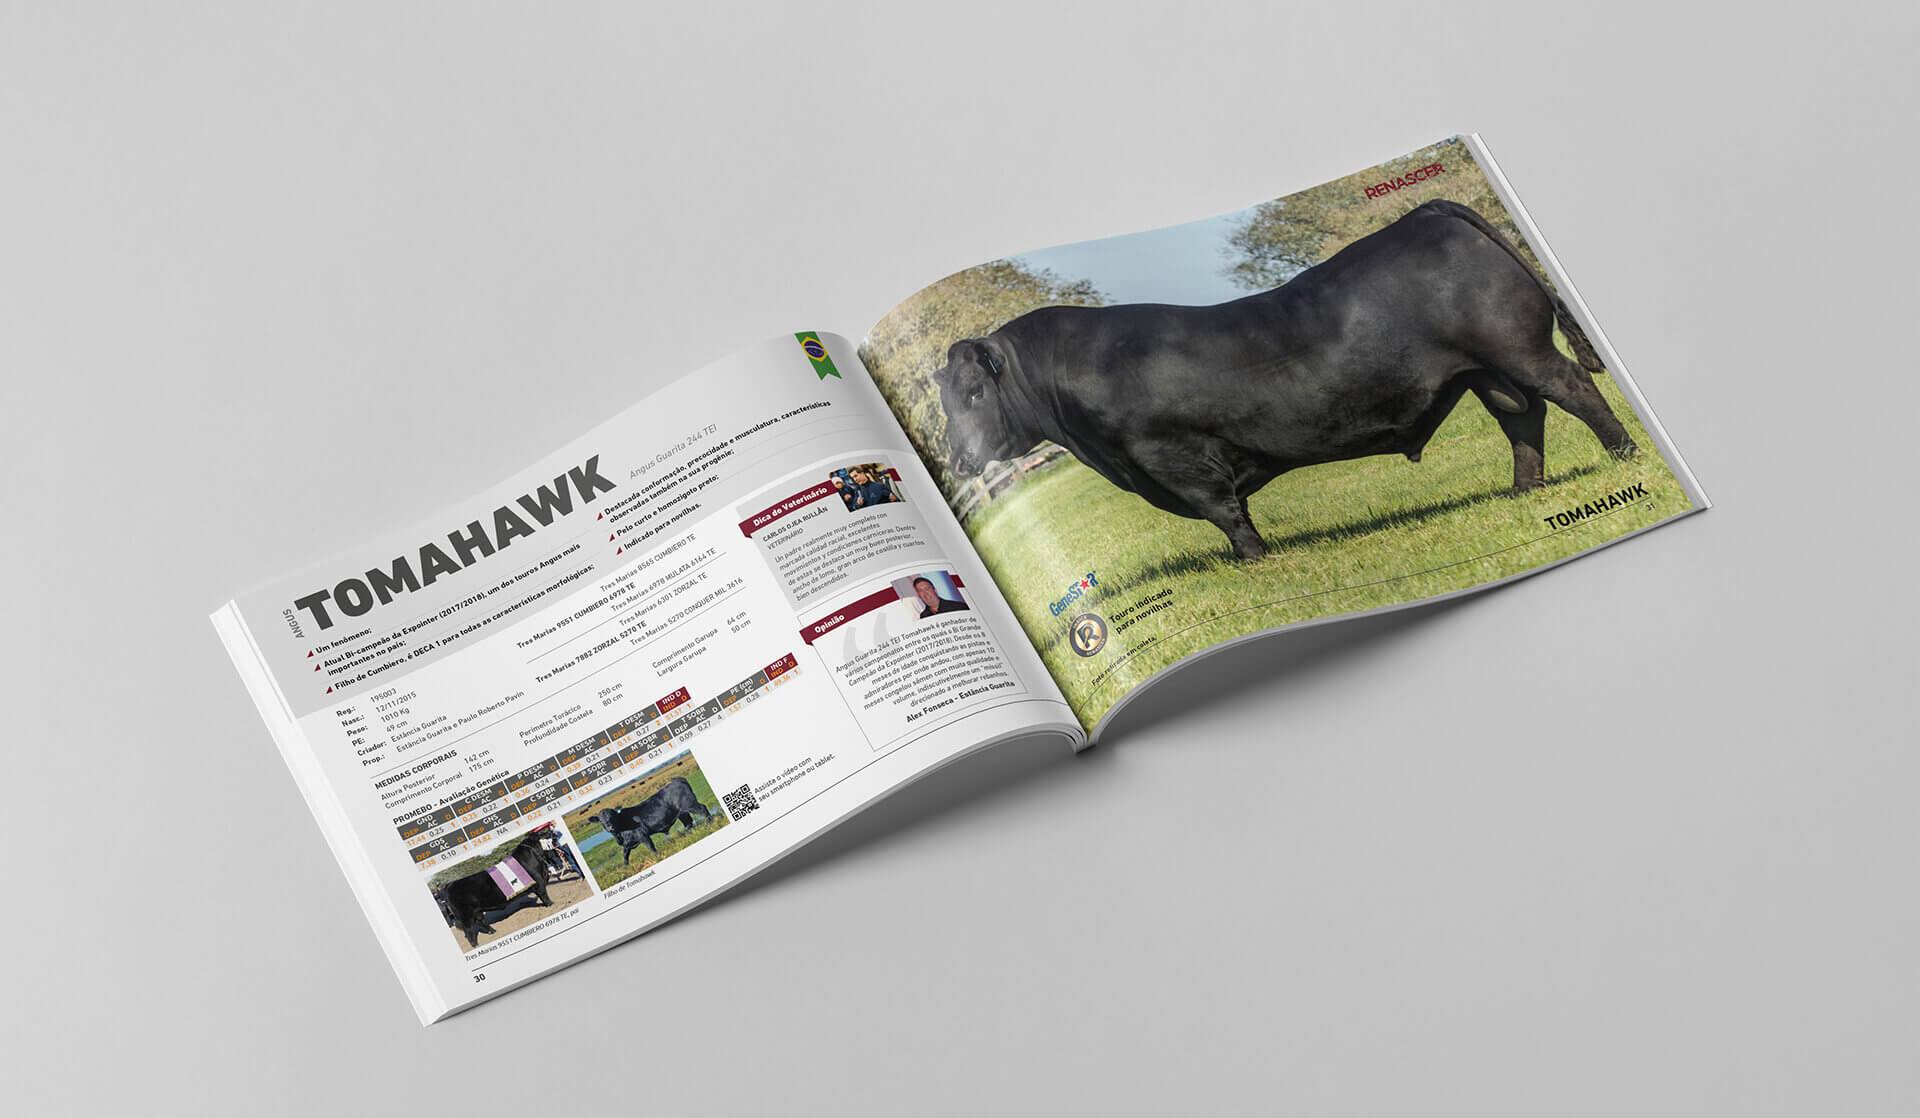 catalogo de touros angus, brangus, braford, hereford, devon, renascer biotecnologia, bedez, comunicação, criação de catálogos